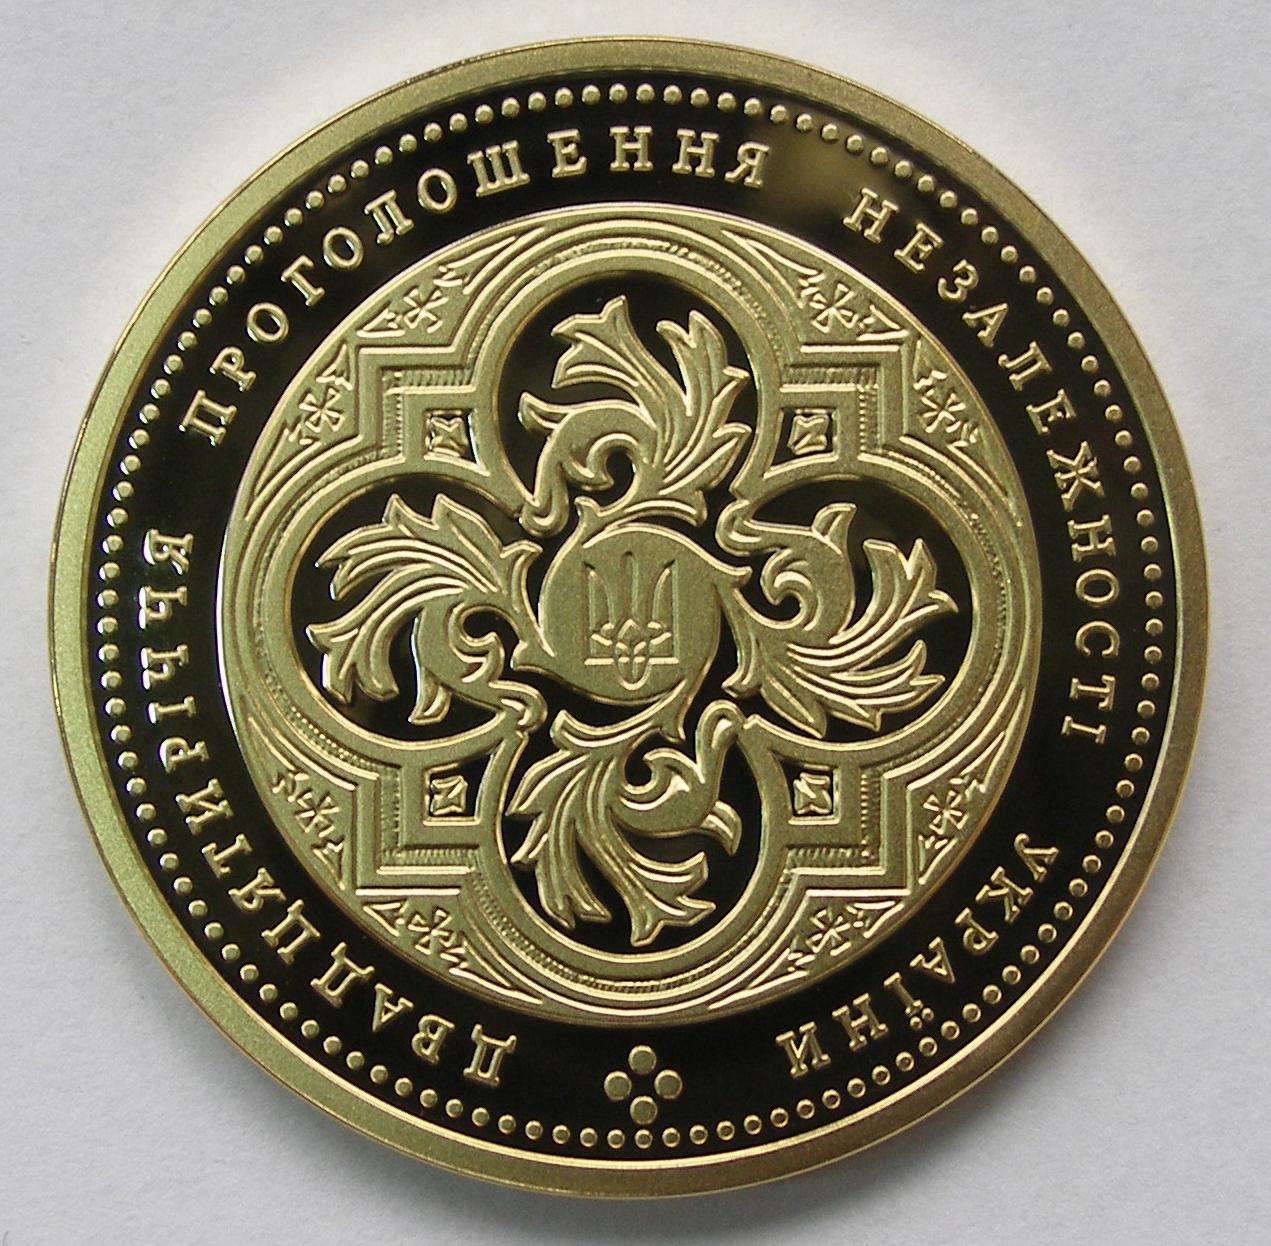 Польский монетный двор на русском языке 1733 год